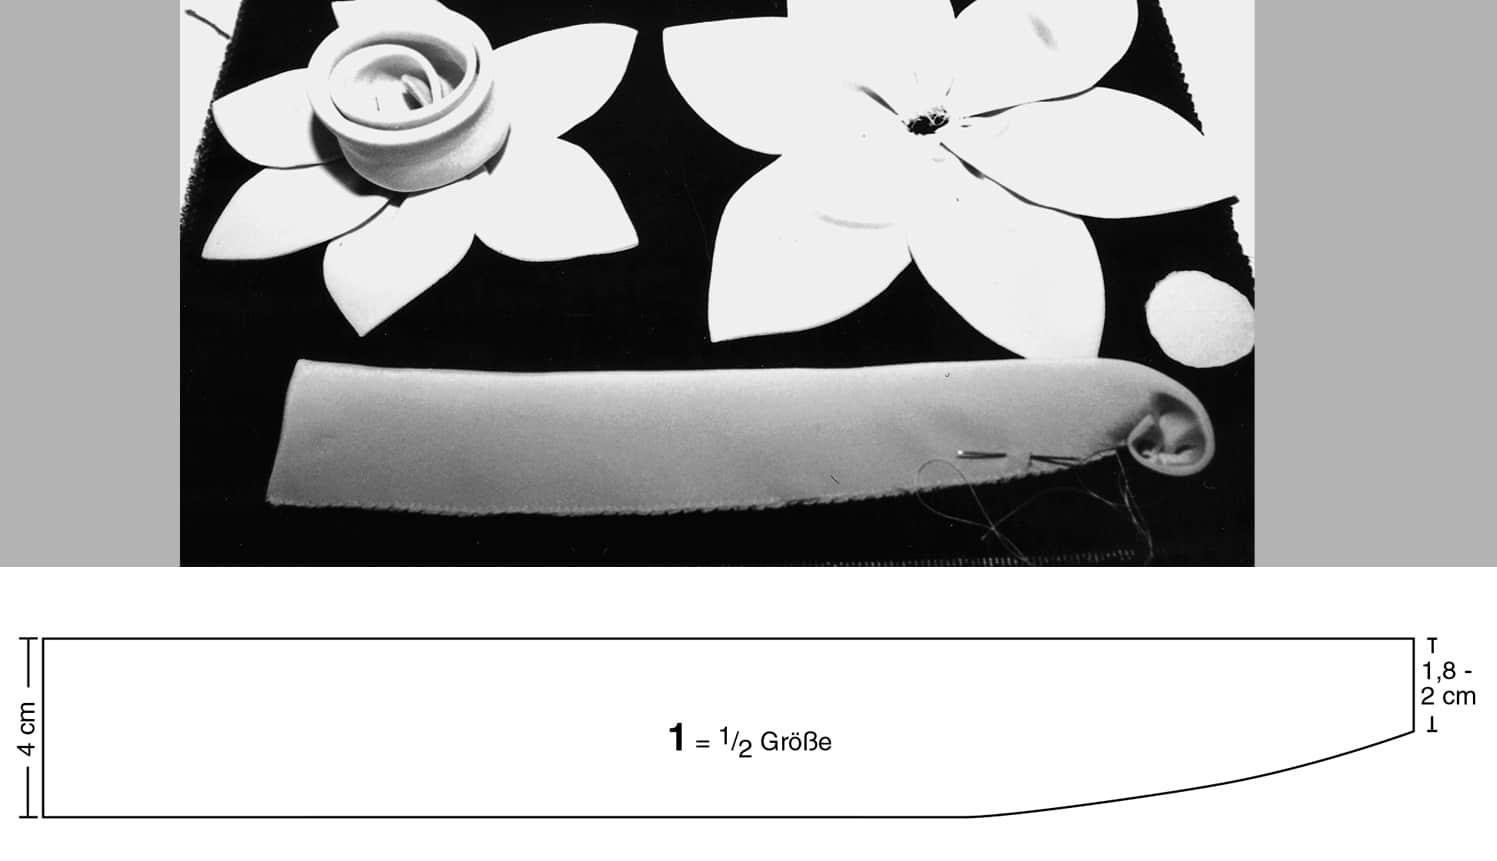 Eine gewickelte Rose, genäht aus Stoff ist abgebildet. Darunter das Schnttteil der Blütenapplikation.